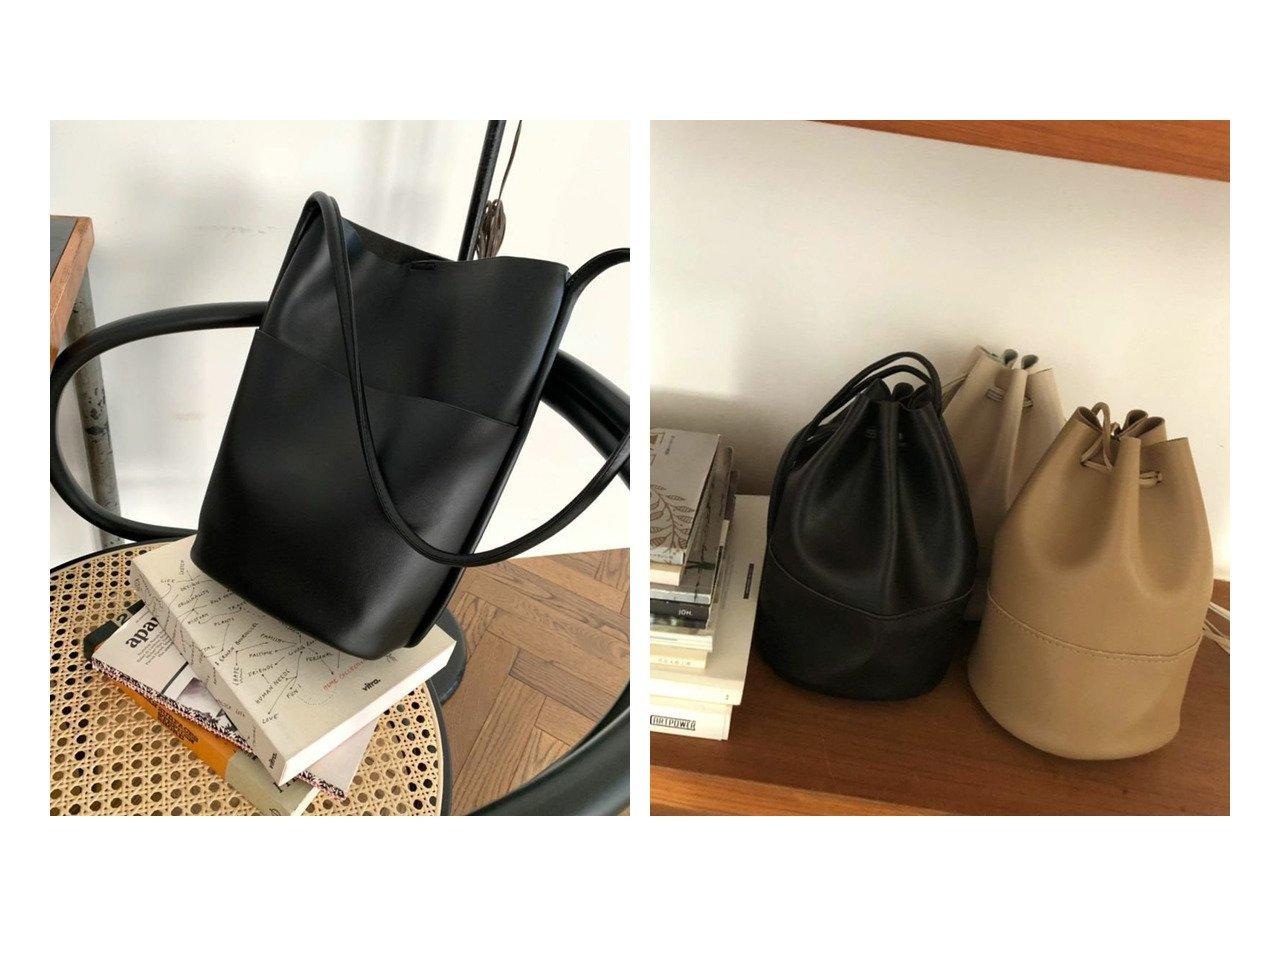 【marjour/マージュール】のmarjourA4ショルダーバッグ A4 SHOULDER BAG&marjourミクロバケットバッグ MICRO BUCKET BAG マージュールのおすすめ!人気、トレンド・レディースファッションの通販 おすすめで人気の流行・トレンド、ファッションの通販商品 メンズファッション・キッズファッション・インテリア・家具・レディースファッション・服の通販 founy(ファニー) https://founy.com/ ファッション Fashion レディースファッション WOMEN バッグ Bag カーディガン クッション ショルダー ジップ ジャケット スマート ポケット トレンド |ID:crp329100000021548